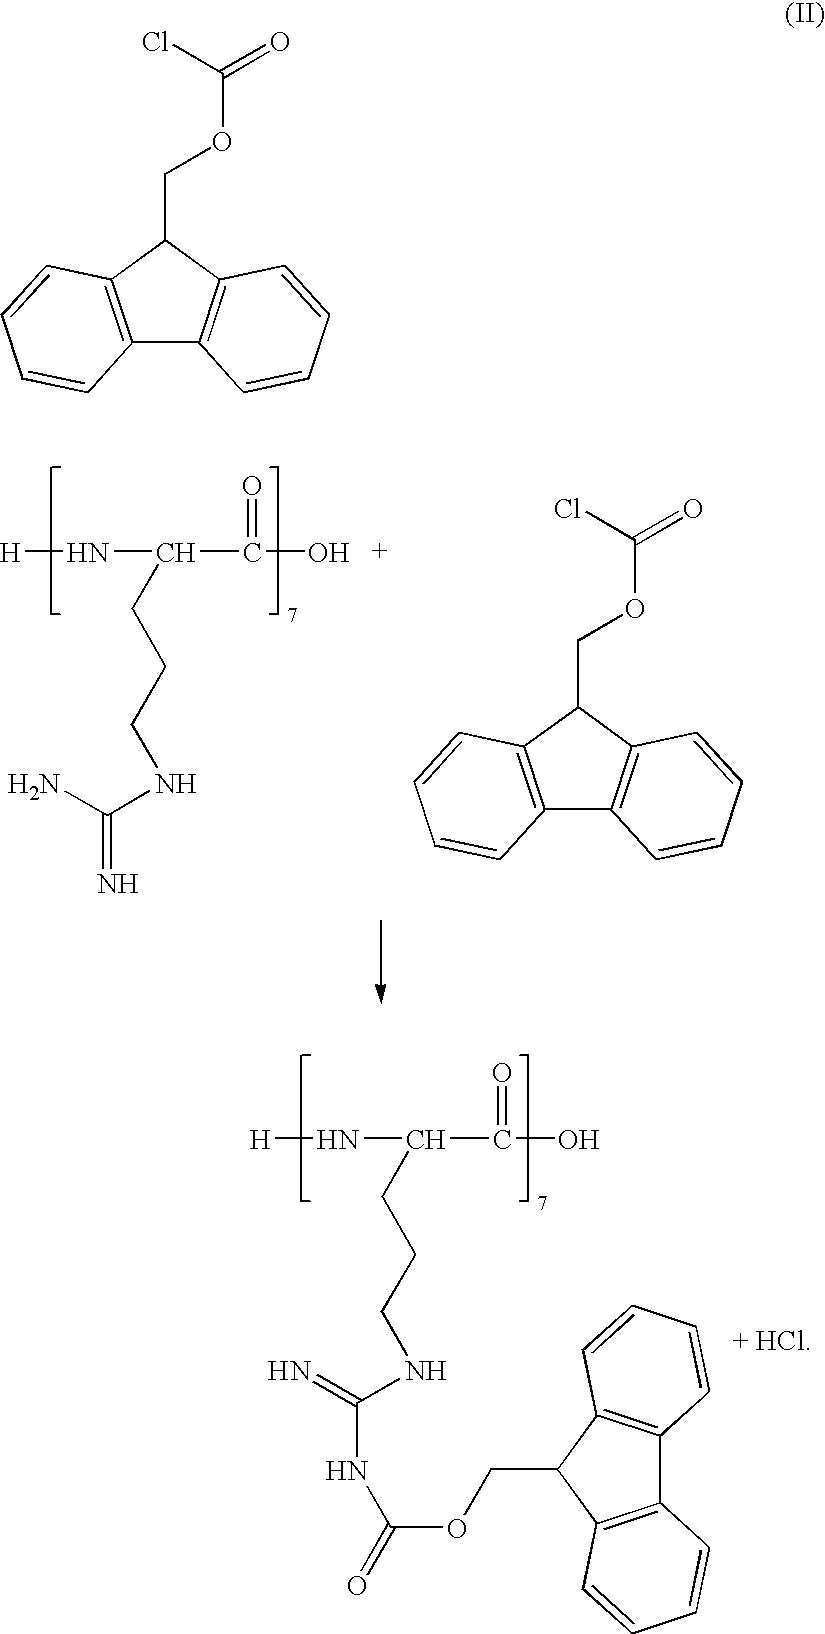 Figure US07875286-20110125-C00001